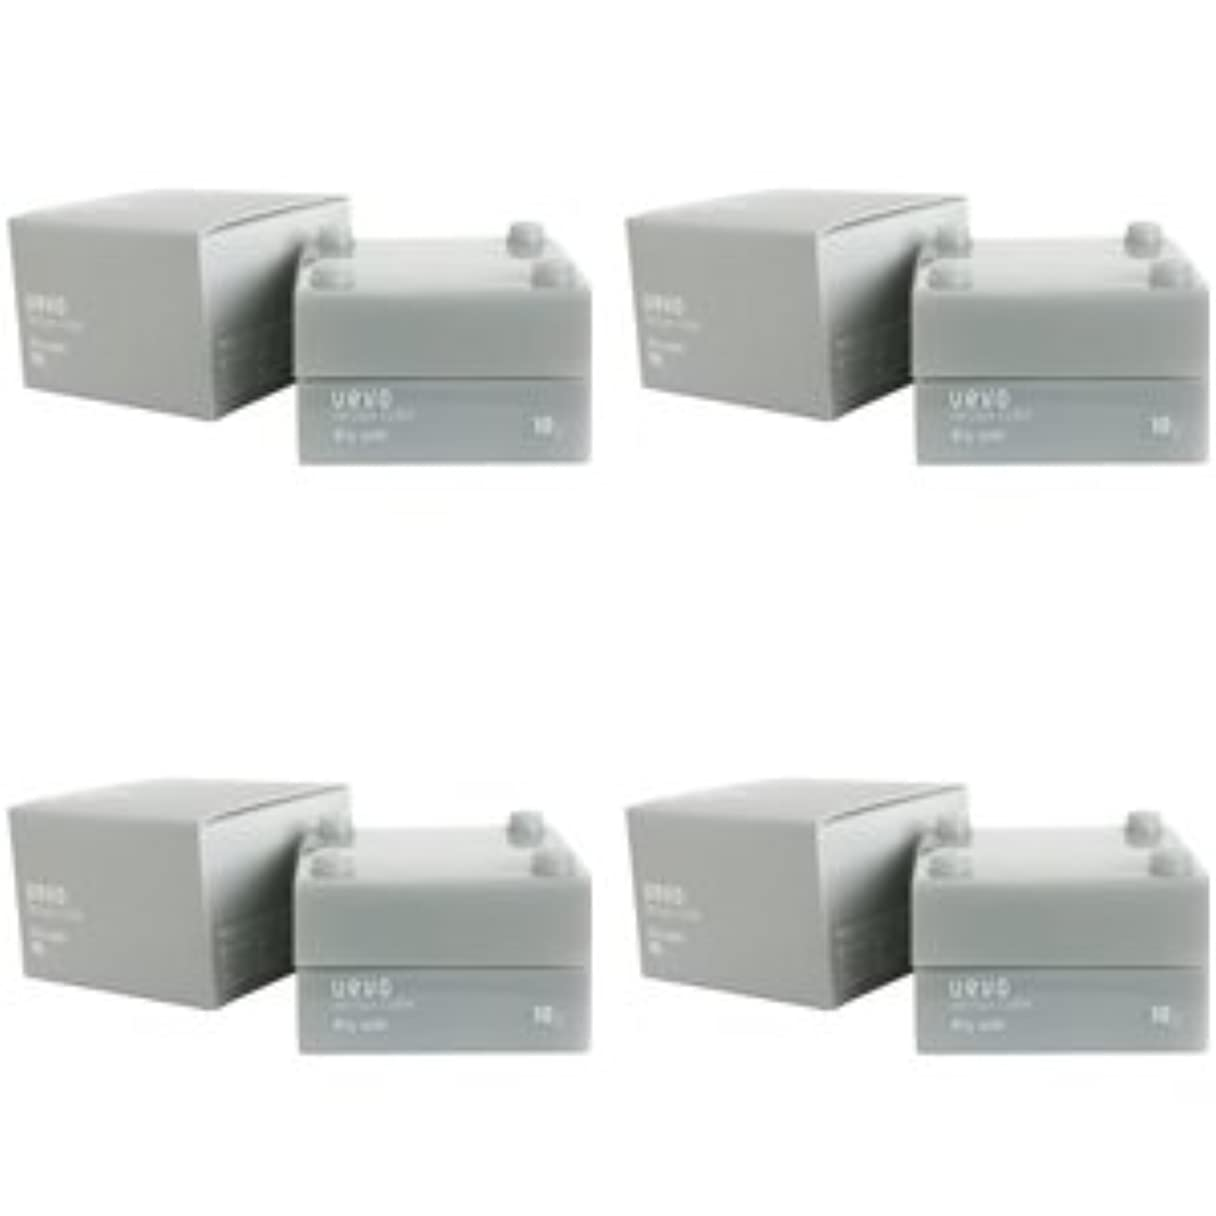 自治的ハンドブック勝者【X4個セット】 デミ ウェーボ デザインキューブ ドライワックス 30g dry wax DEMI uevo design cube